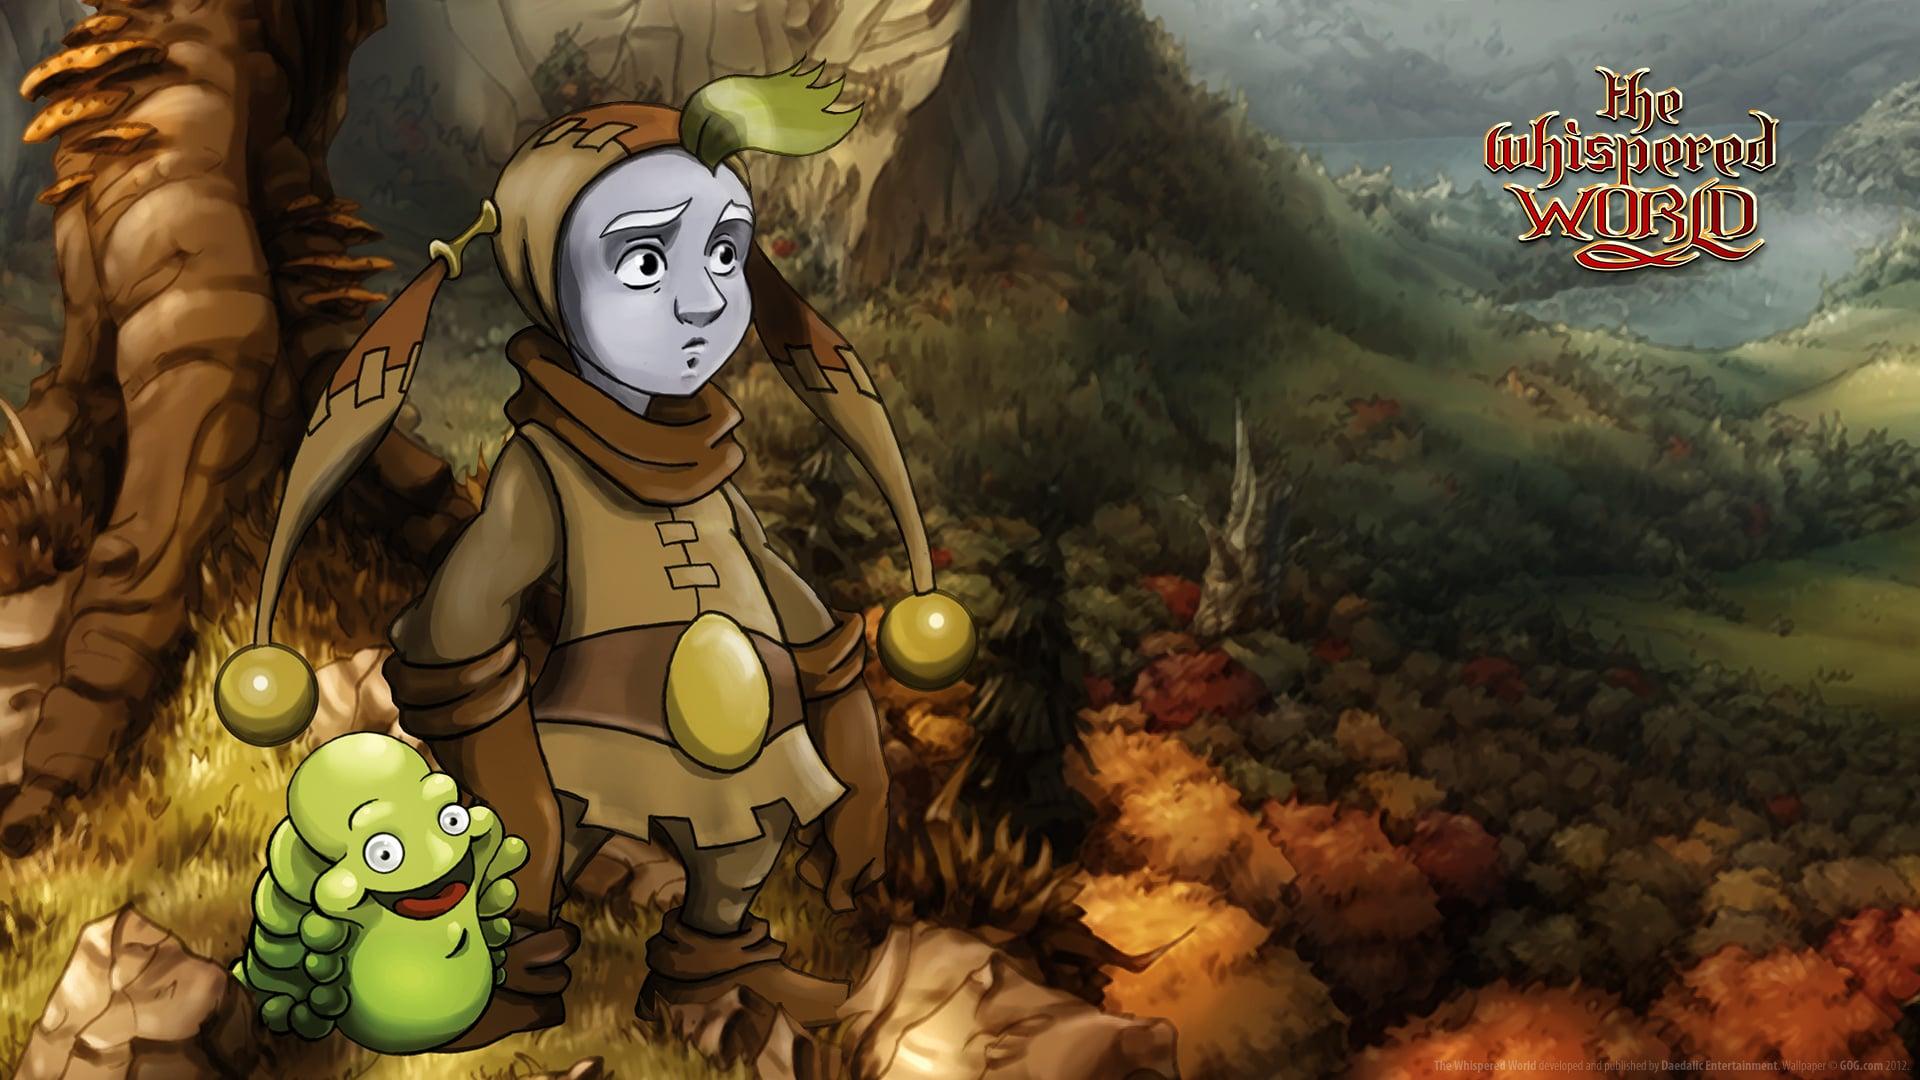 Animation: The Whispered World